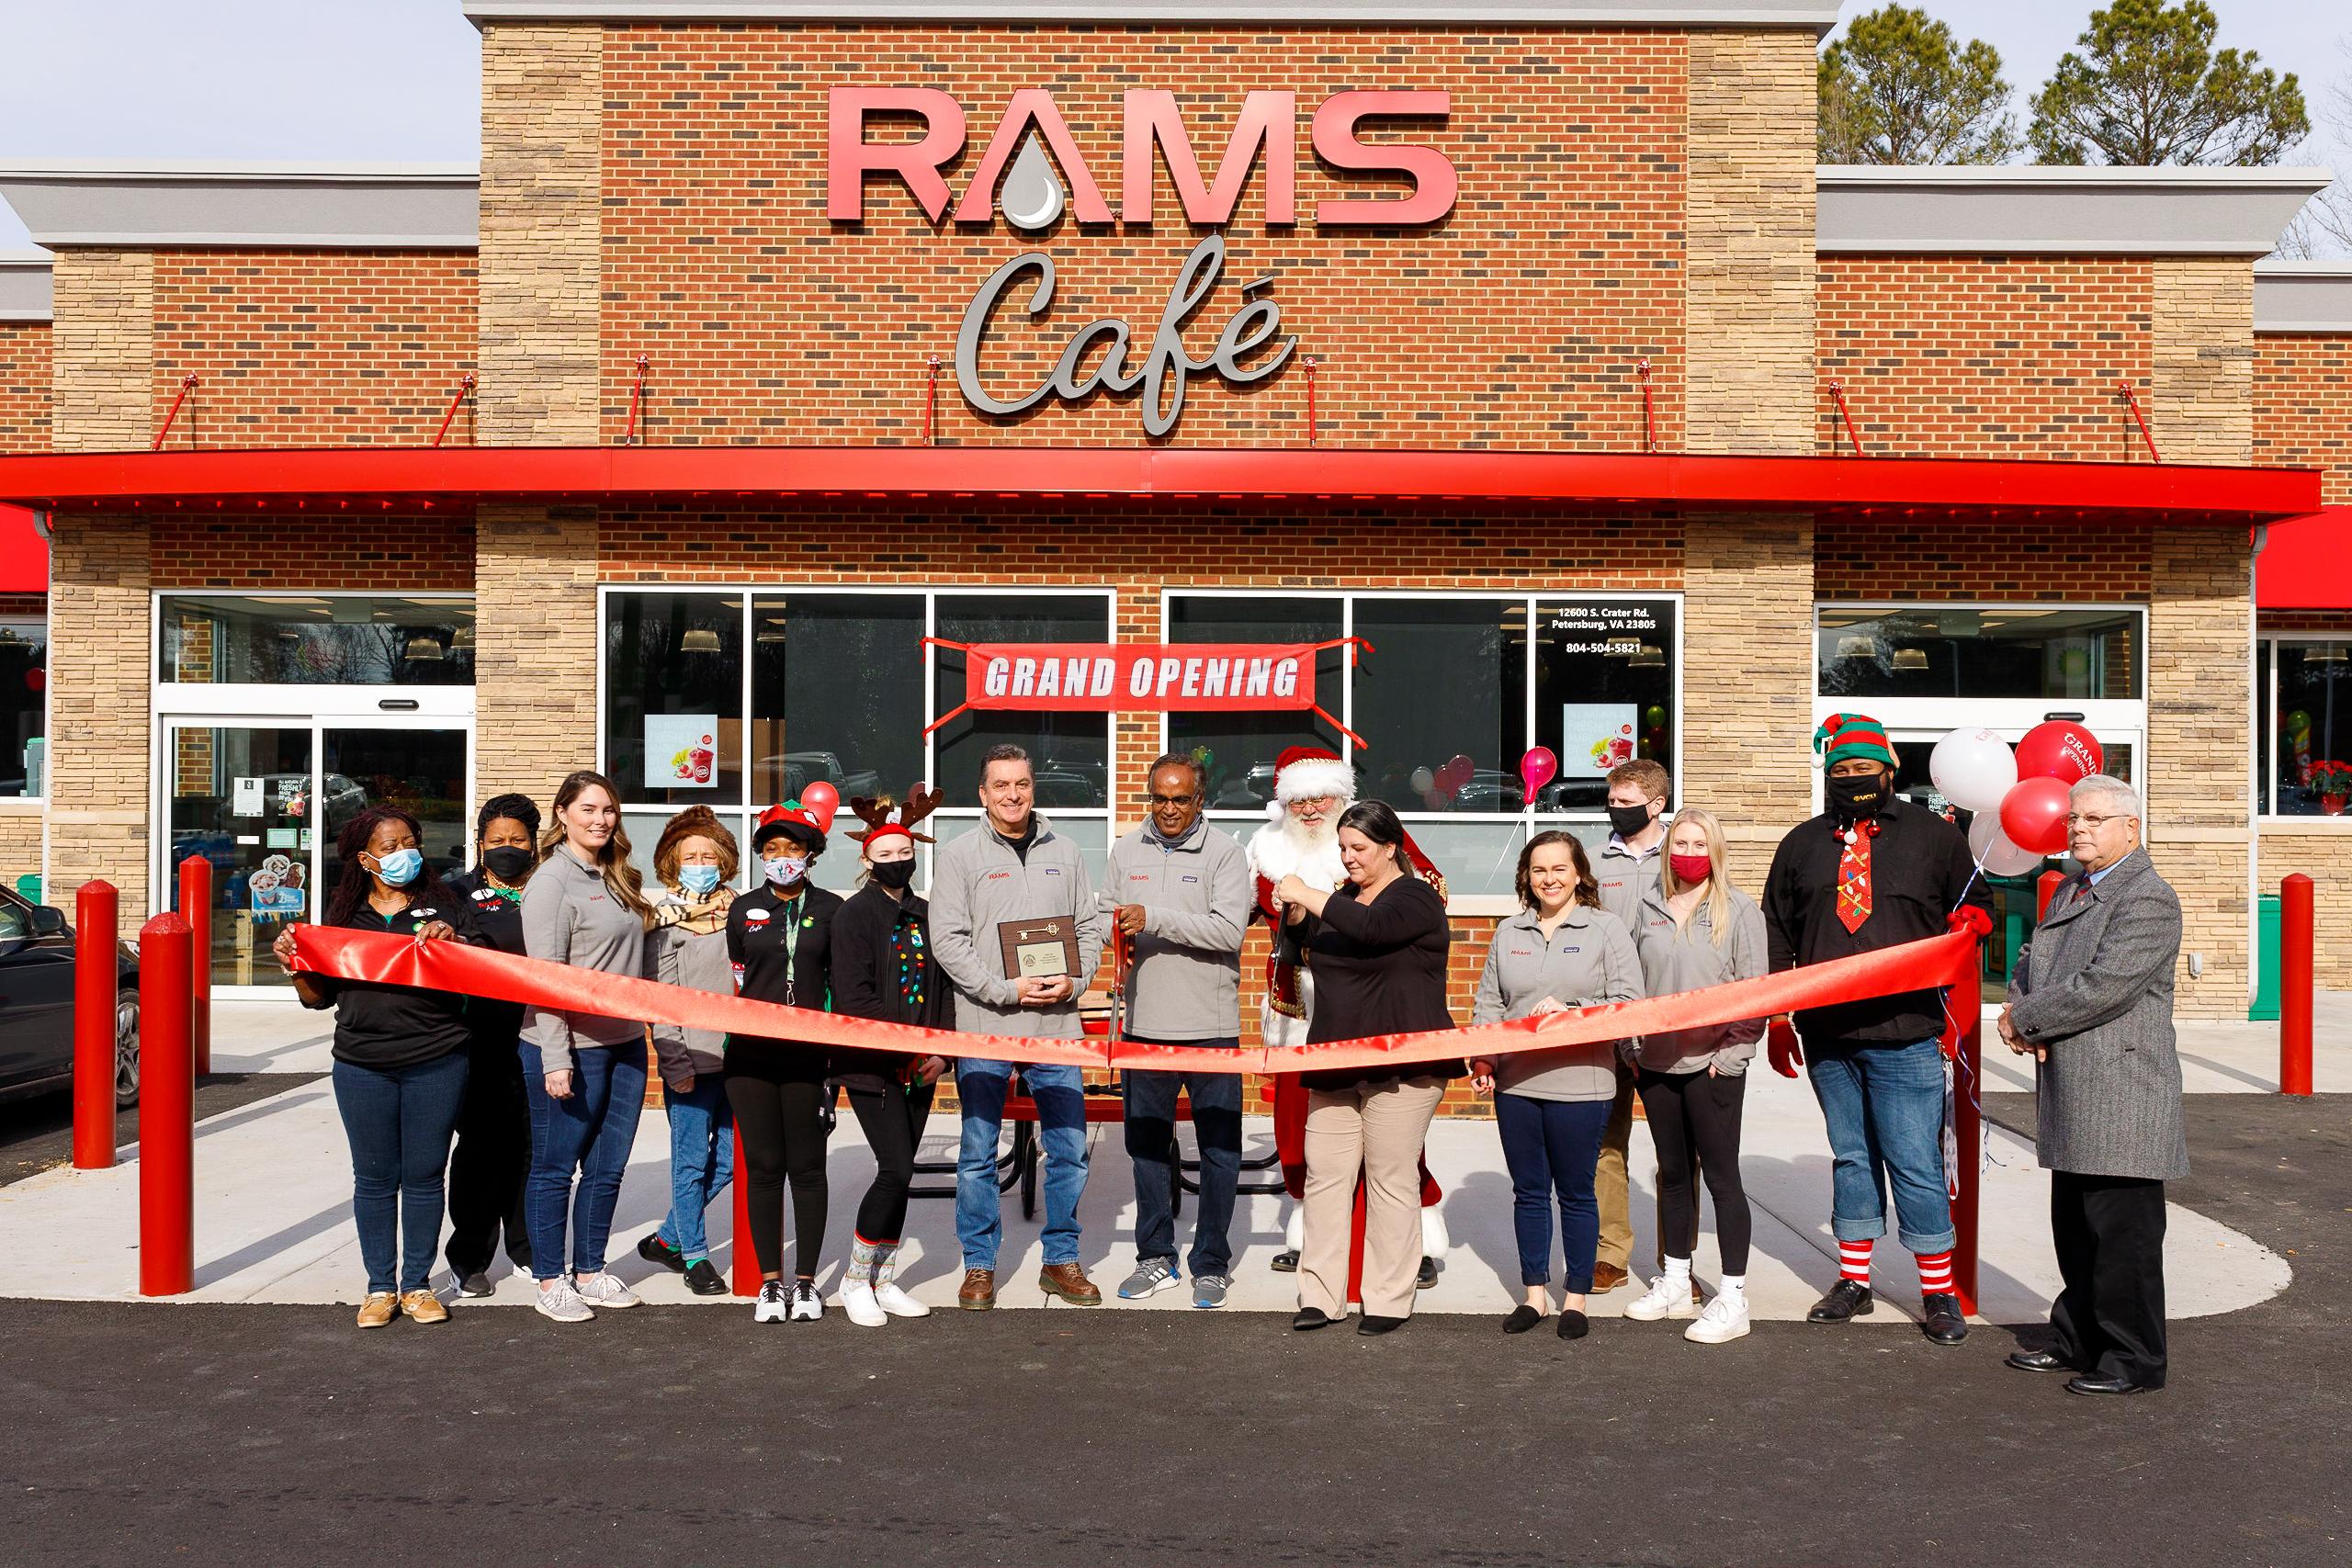 Rams-Cafe-5.jpg